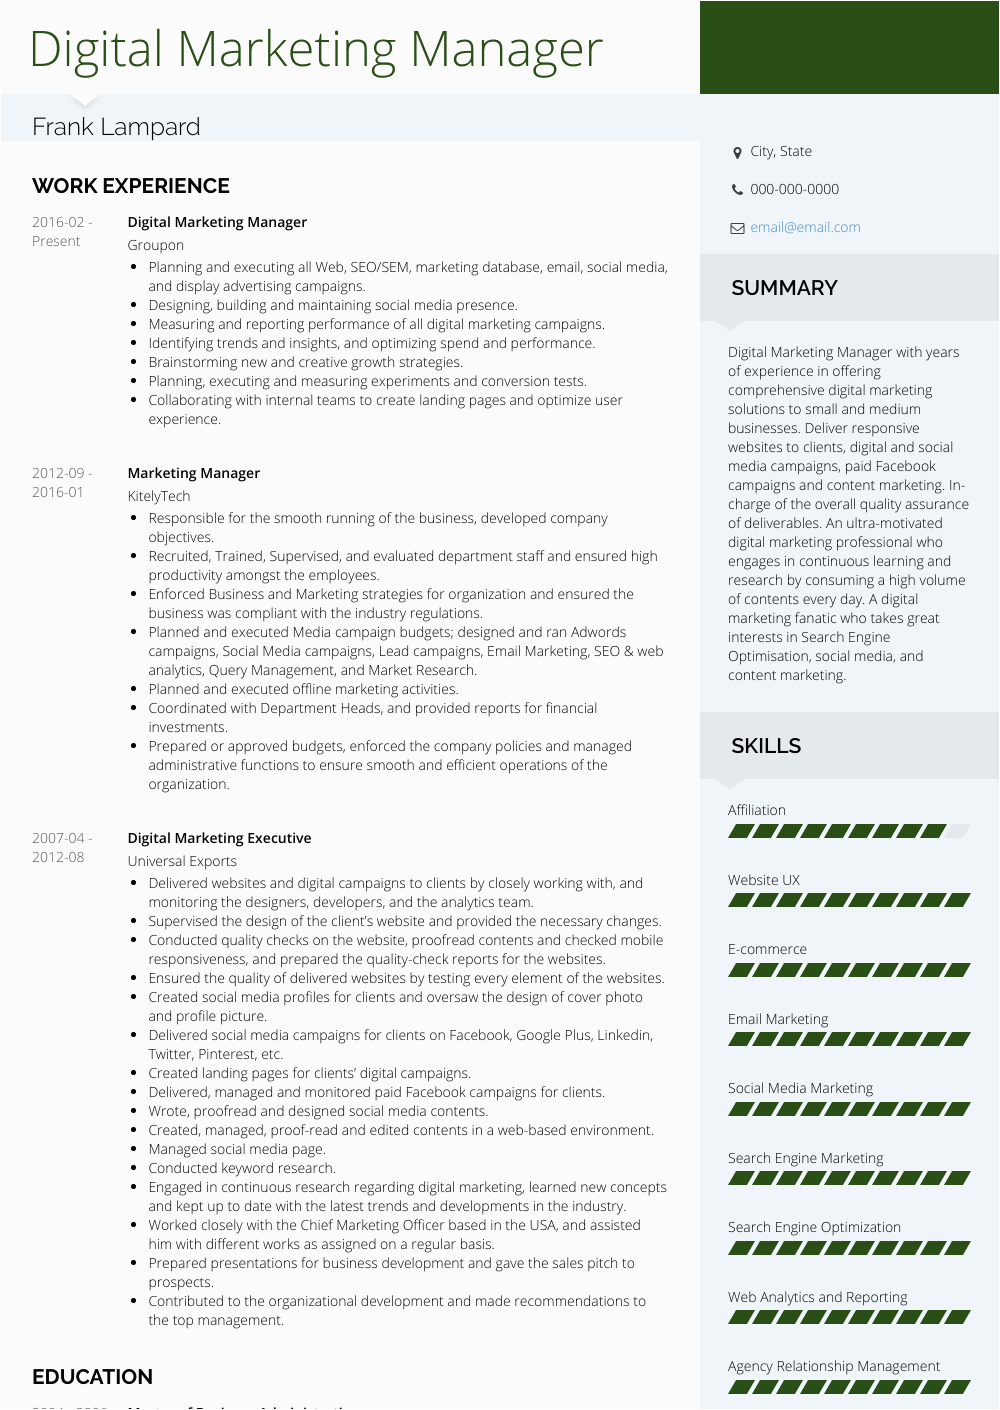 Sample Resume Of Digital Marketing Manager Digital Marketing Manager Resume Samples and Templates